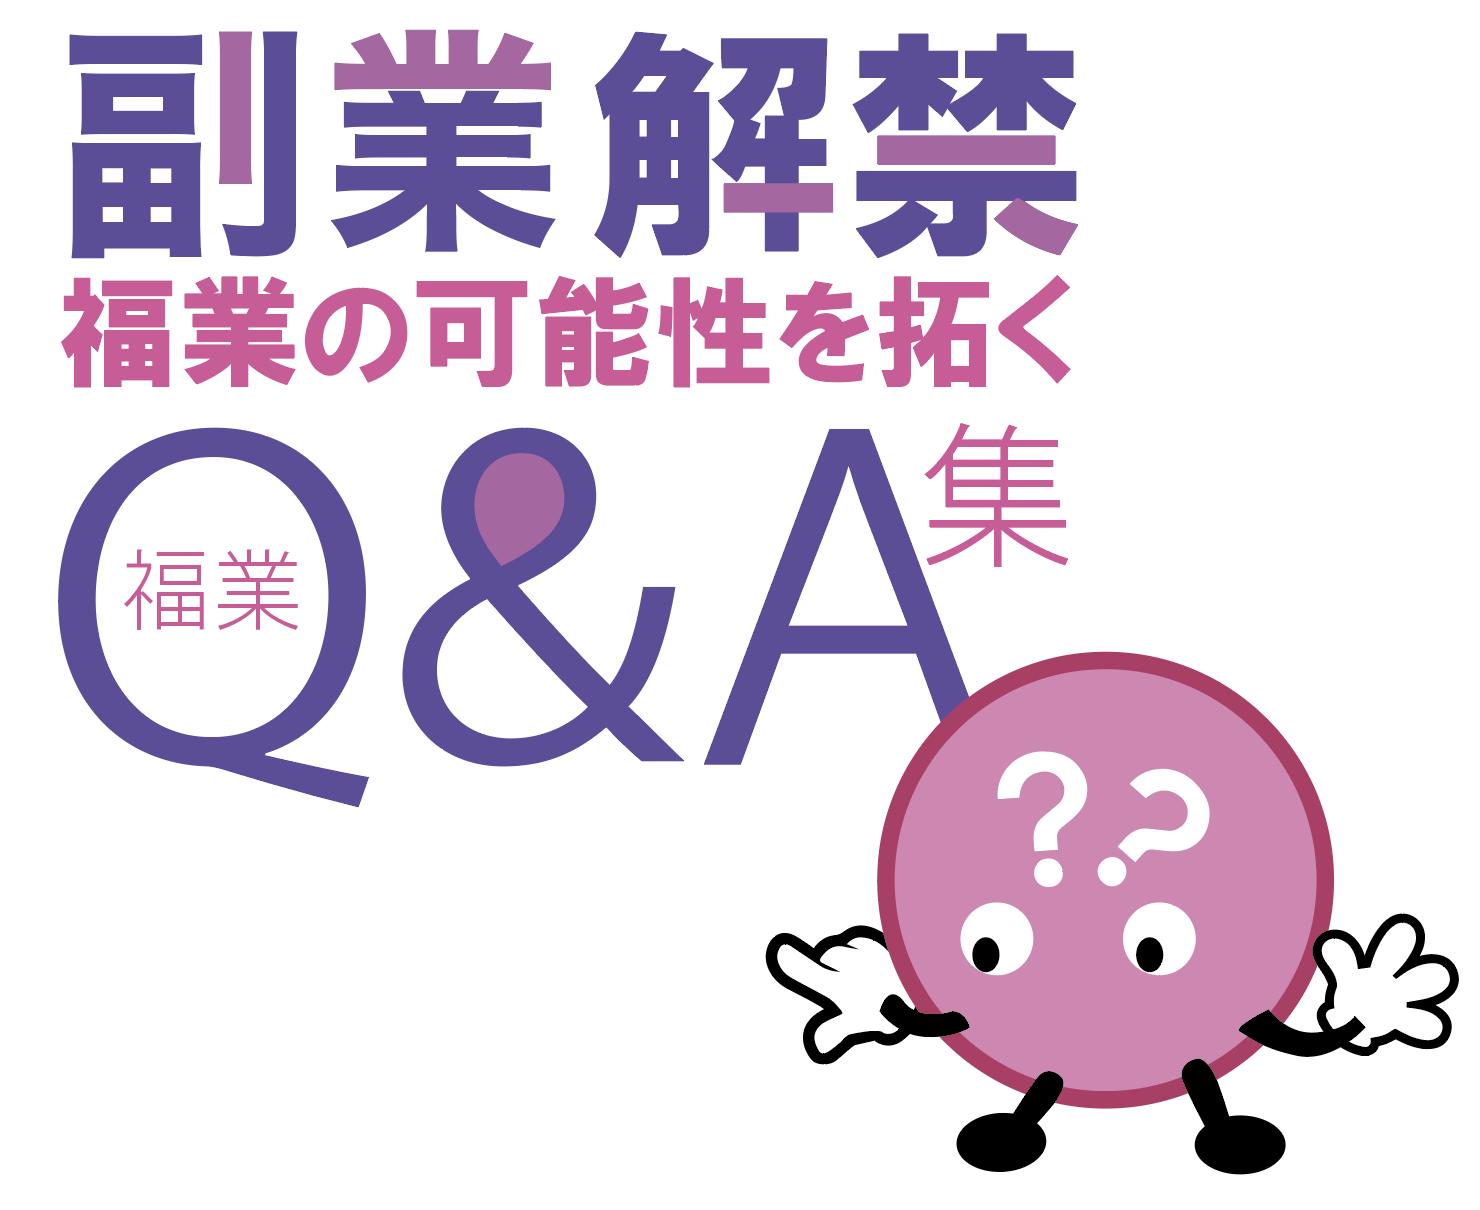 福業Q&Aを更新しました。